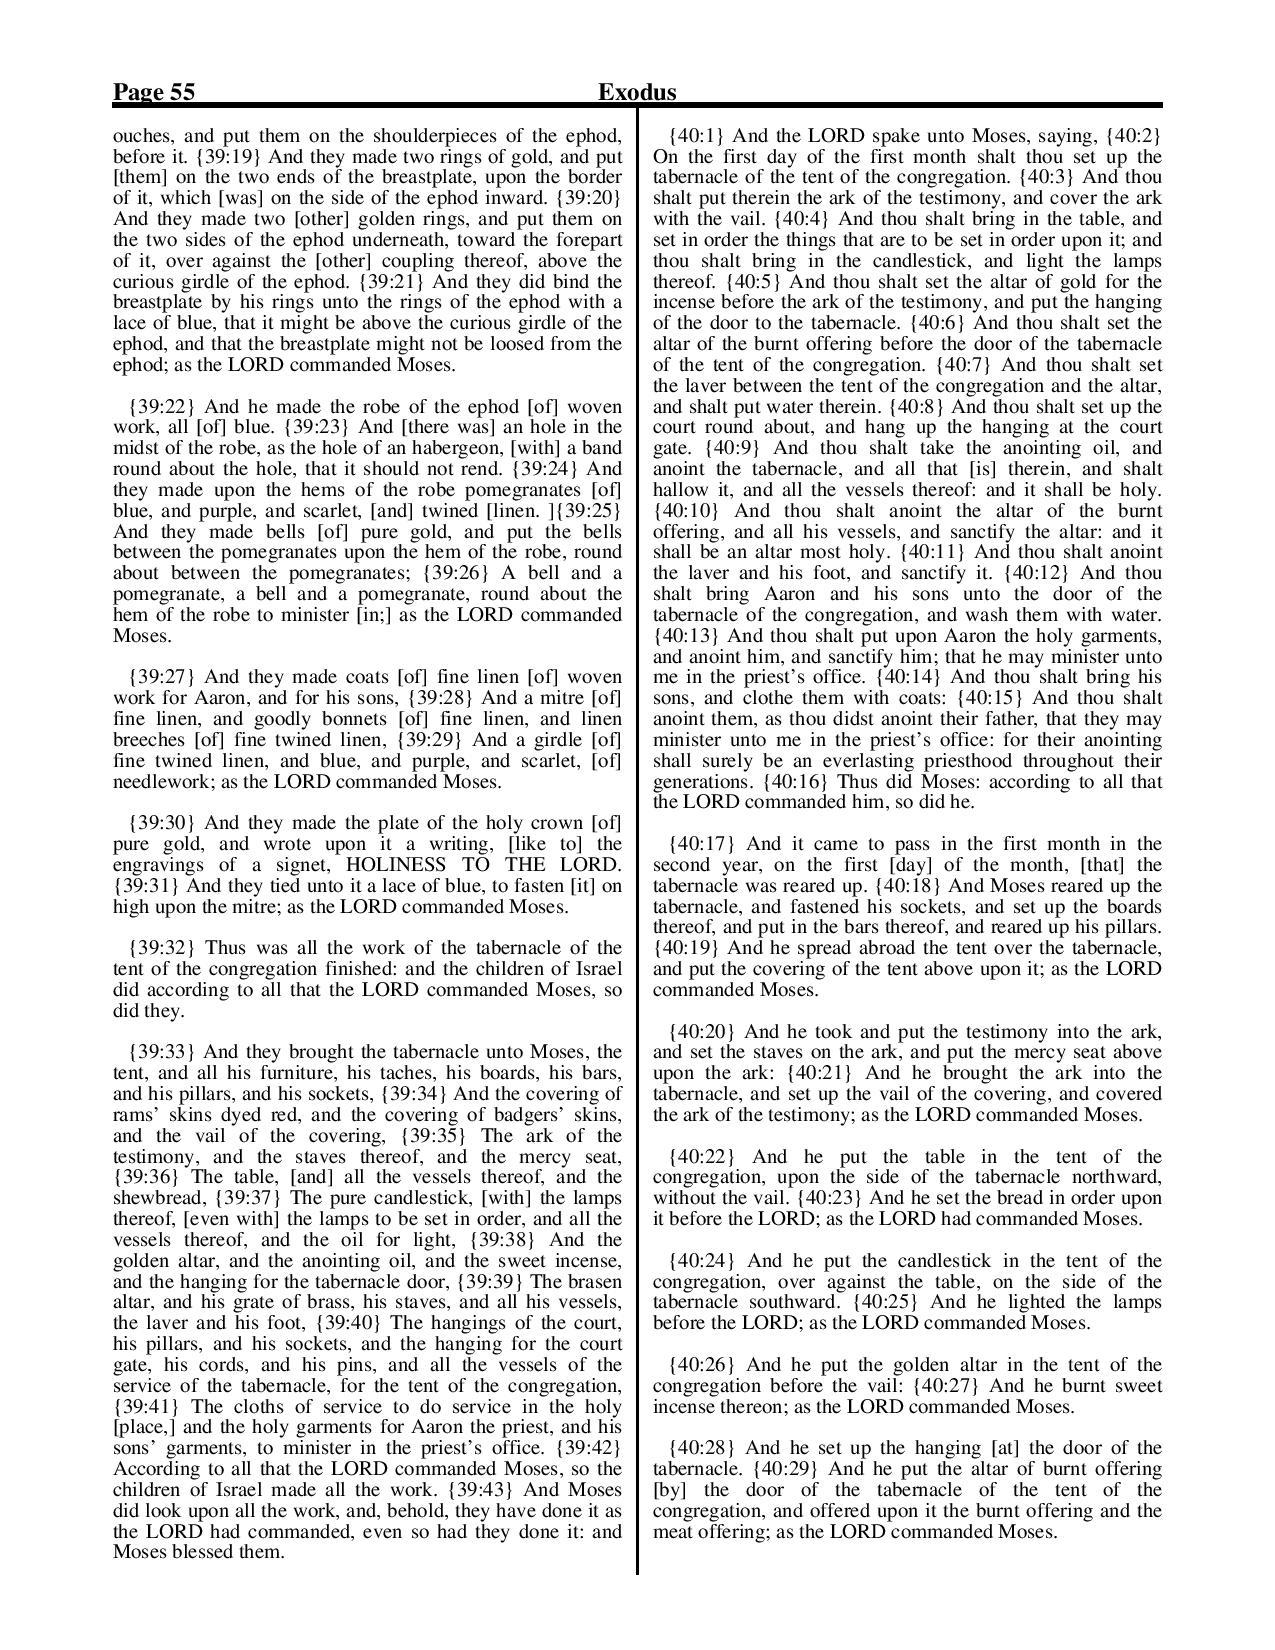 King-James-Bible-KJV-Bible-PDF-page-076